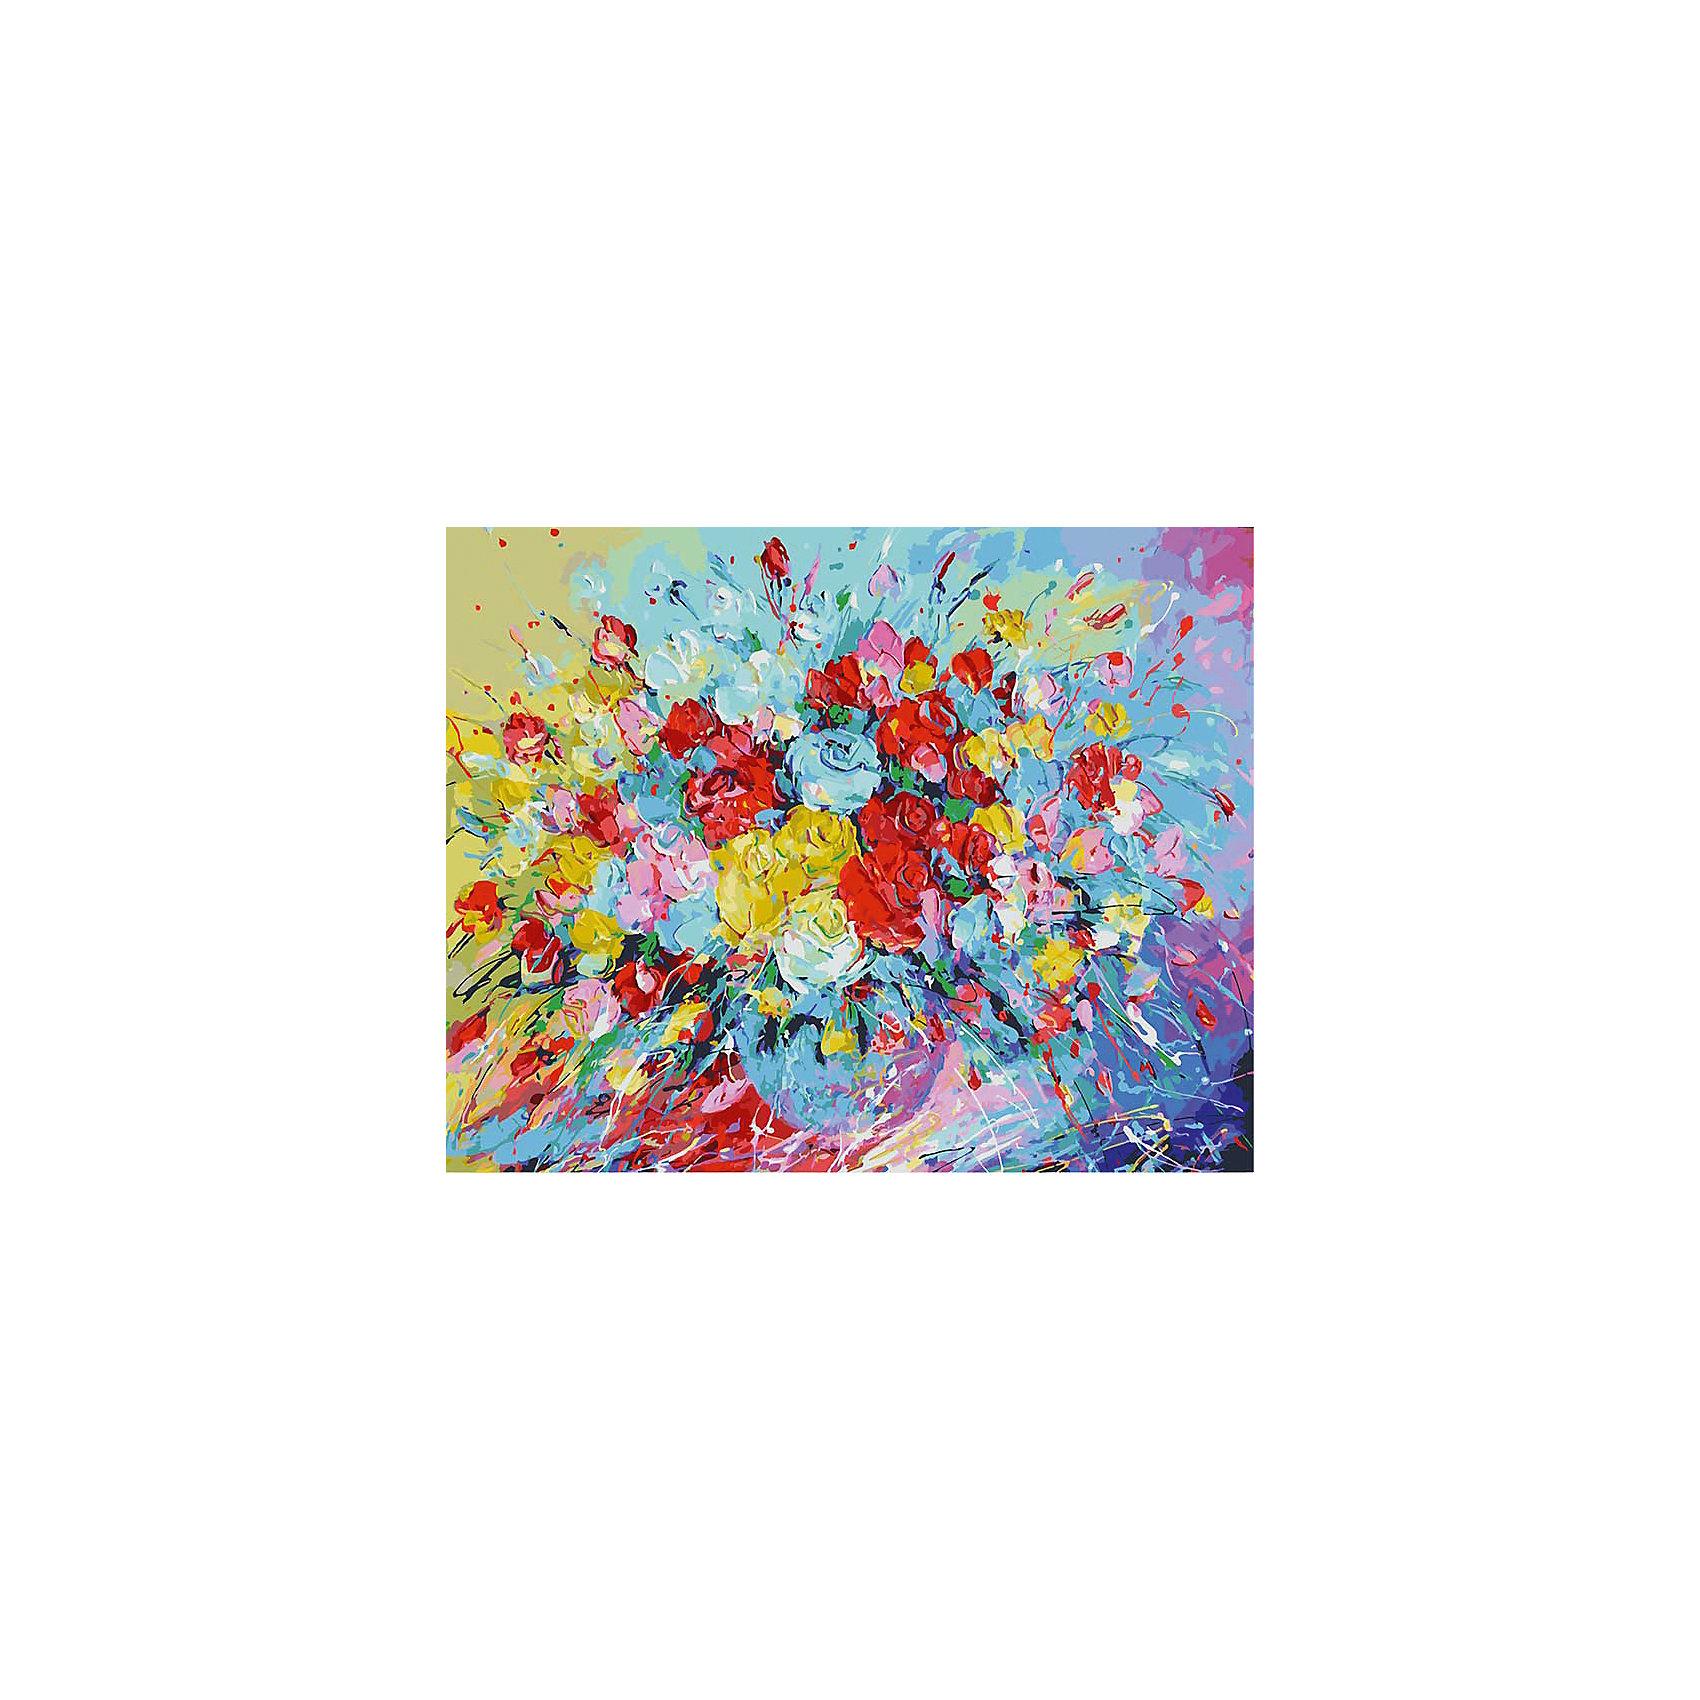 Живопись на холсте 40*50 см Фейерверк из розРисование<br>Характеристики товара:<br><br>• цвет: разноцветный<br>• материал: акрил, картон<br>• размер: 50 x 40 см<br>• комплектация: полотно на подрамнике с контурами рисунка, пробный лист с рисунком, набор акриловых красок, три кисти, крепление на стену для картины<br>• для детей от шести лет и взрослых<br>• не требует специальных навыков<br>• страна бренда: Китай<br>• страна изготовитель: Китай<br><br>Такой набор станет отличным подарком и для взрослого, и для ребенка! Рисование помогает развить различные навыки и просто приносит удовольствие! Чтобы вселить в ребенка уверенность в своих силах, можно предложить ему этот набор - в нем уже есть сюжет, контуры рисунка и участки с номерами, которые обозначают определенную краску из набора. Все оттенки уже готовы, задача художника - аккуратно, с помощью кисточек из набора, нанести краски на определенный участок полотна.<br>Взрослым также понравится этот процесс, рисовать можно и вместе с малышом! В итоге получается красивая картина, которой можно украсить интерьер. Рисование способствует развитию мелкой моторики, воображения, цветовосприятия, творческих способностей и усидчивости. Набор отлично проработан, сделан из качественных и проверенных материалов, которые безопасны для детей. Краски - акриловые, они быстро сохнут и легко смываются с кожи.<br><br>Живопись на холсте 40*50 см Фейерверк из роз от торговой марки Белоснежка можно купить в нашем интернет-магазине.<br><br>Ширина мм: 510<br>Глубина мм: 410<br>Высота мм: 25<br>Вес г: 850<br>Возраст от месяцев: 72<br>Возраст до месяцев: 144<br>Пол: Унисекс<br>Возраст: Детский<br>SKU: 5089714